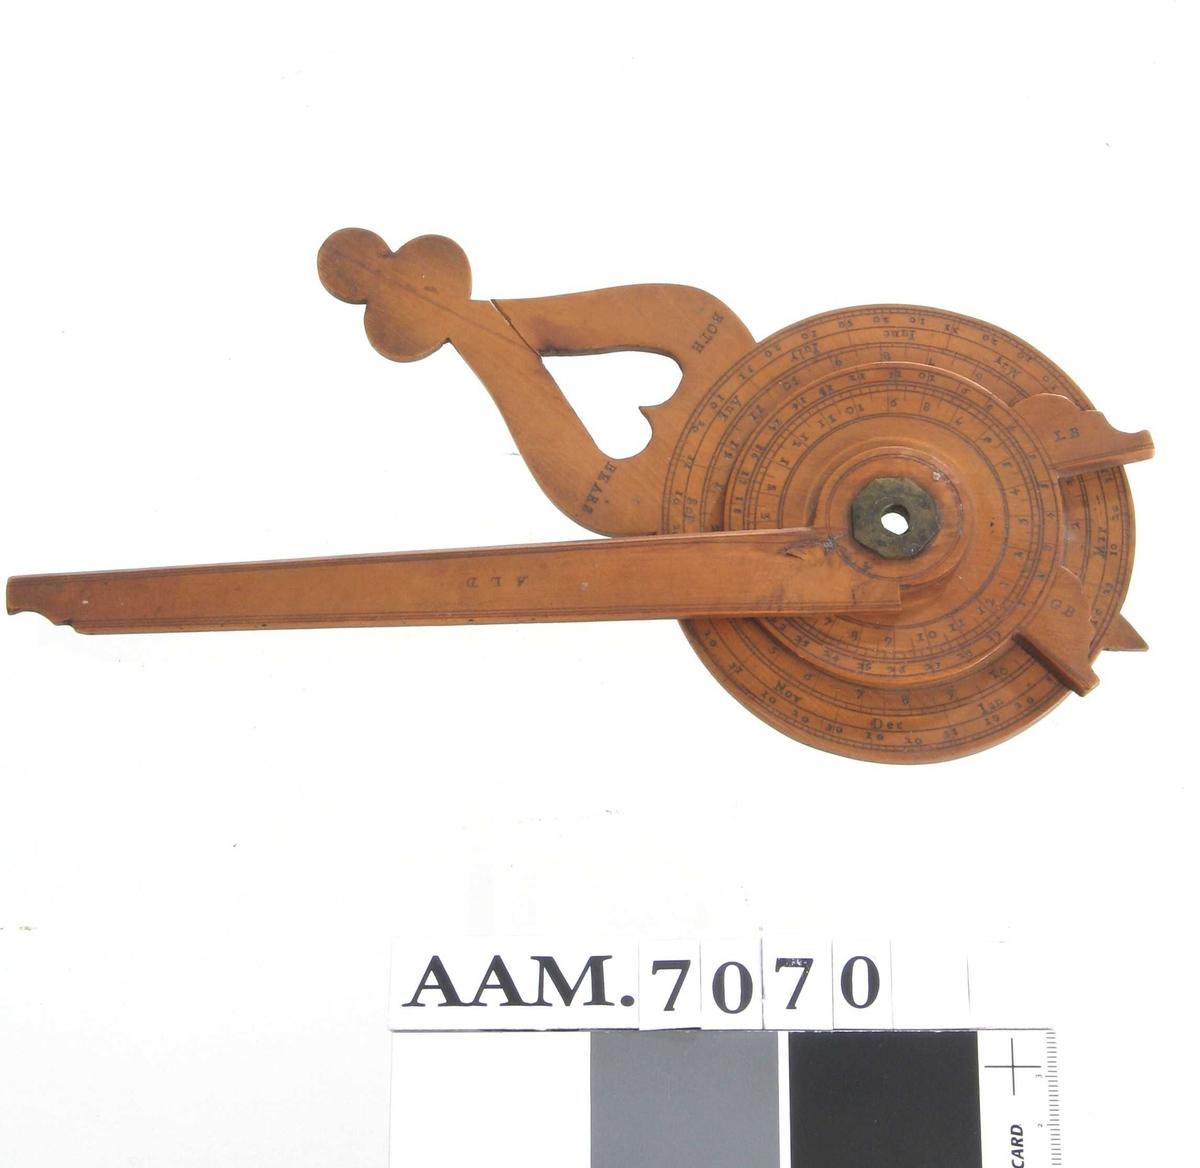 Brukt til å   finne klokkeslett om natten ved hjelp av stjernene  (Store og Lille Bjørn). Engelsk, 1730-40-årene.  Lys   polert   løvtre (pæretre?).   To sirkulære skiver, den ene med hjerteformet håndtak og tekst:   BOTH BEARS,  månedsnavn og datotall, baksiden har 4 tallrekker og tekst enkelte  steder:   Vnd, Abo  (pleier å være tidevannstabell og månekalender). Den mindre skive  har skala fra en til 24 (klokkeslettene) og to visere, med tekst   L B  (= Little Bear) og   G B  (= Great Bear). Om samme akse som skivene er festet et flatt håndtak  med tekst pm.:   A L D.  Tilstand febr. 1967: god.  før 1902.